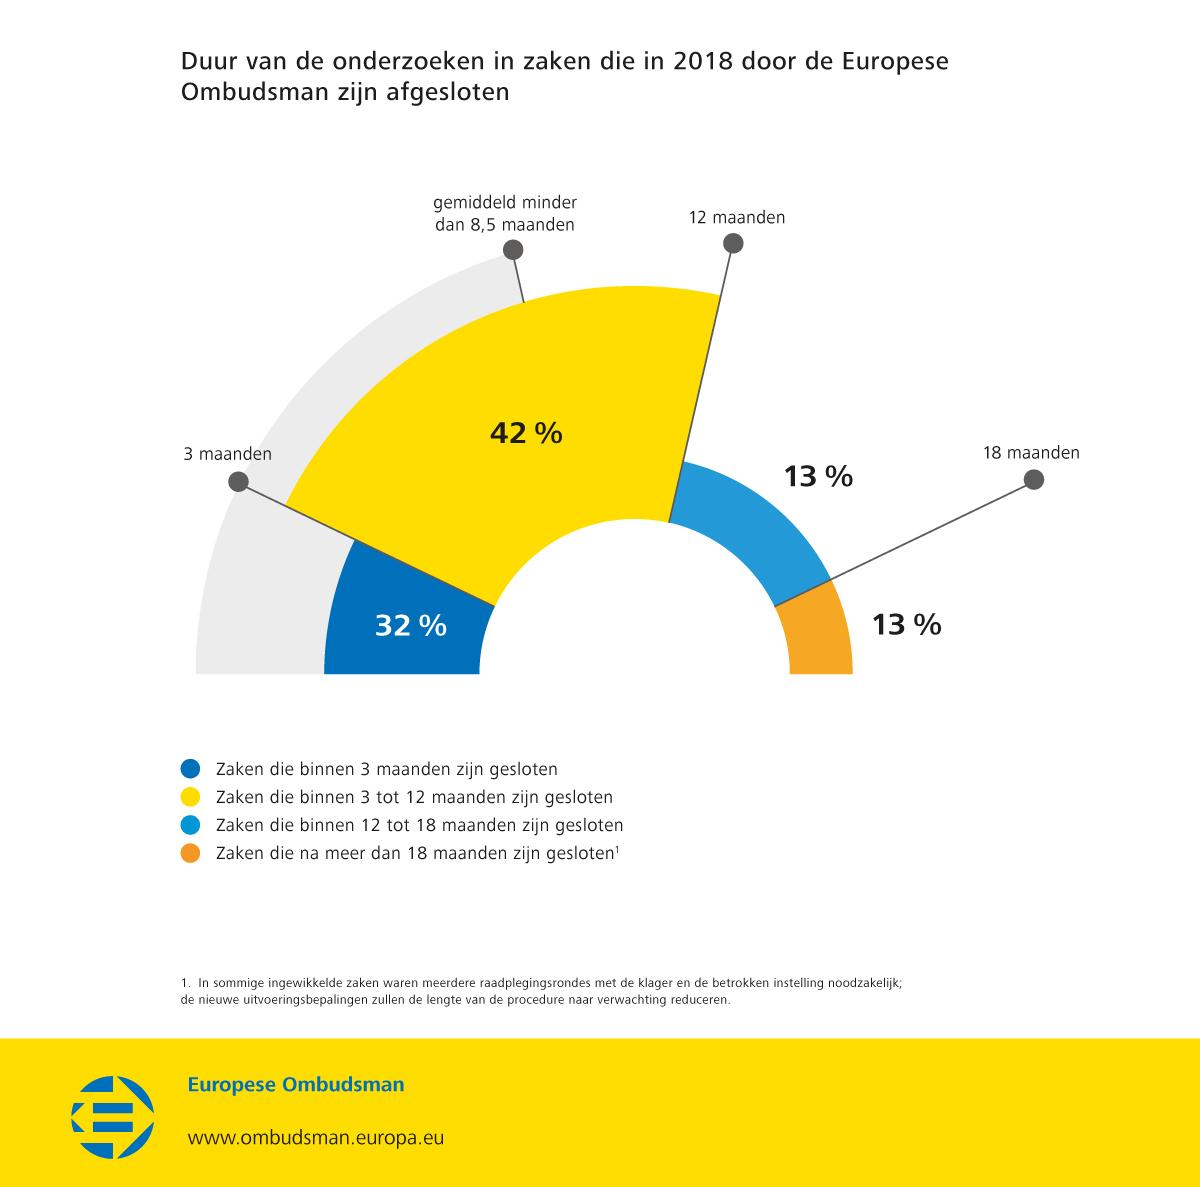 Duur van de onderzoeken in zaken die in 2018 door de Europese Ombudsman zijn afgesloten